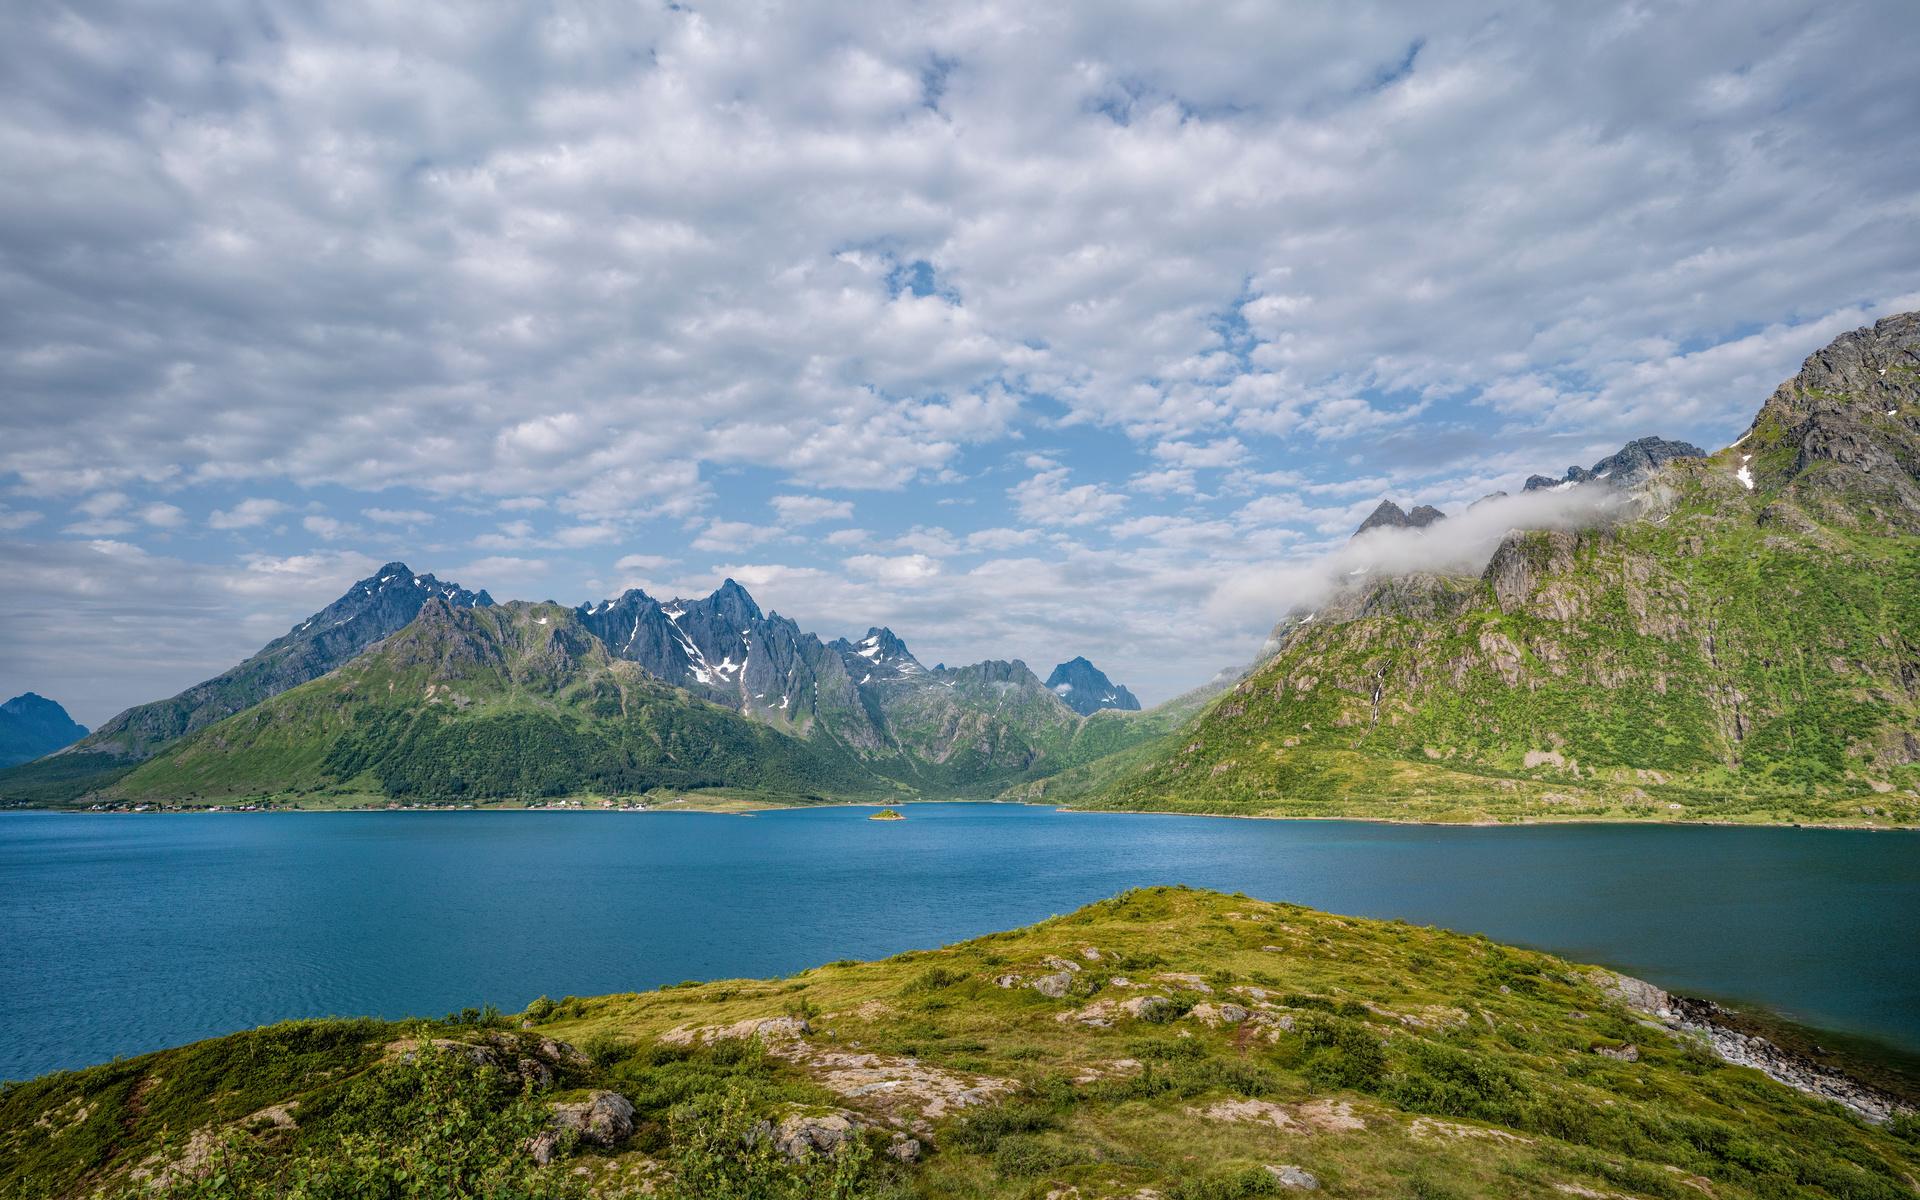 норвегия, горы, лофотенские острова, облака, природа